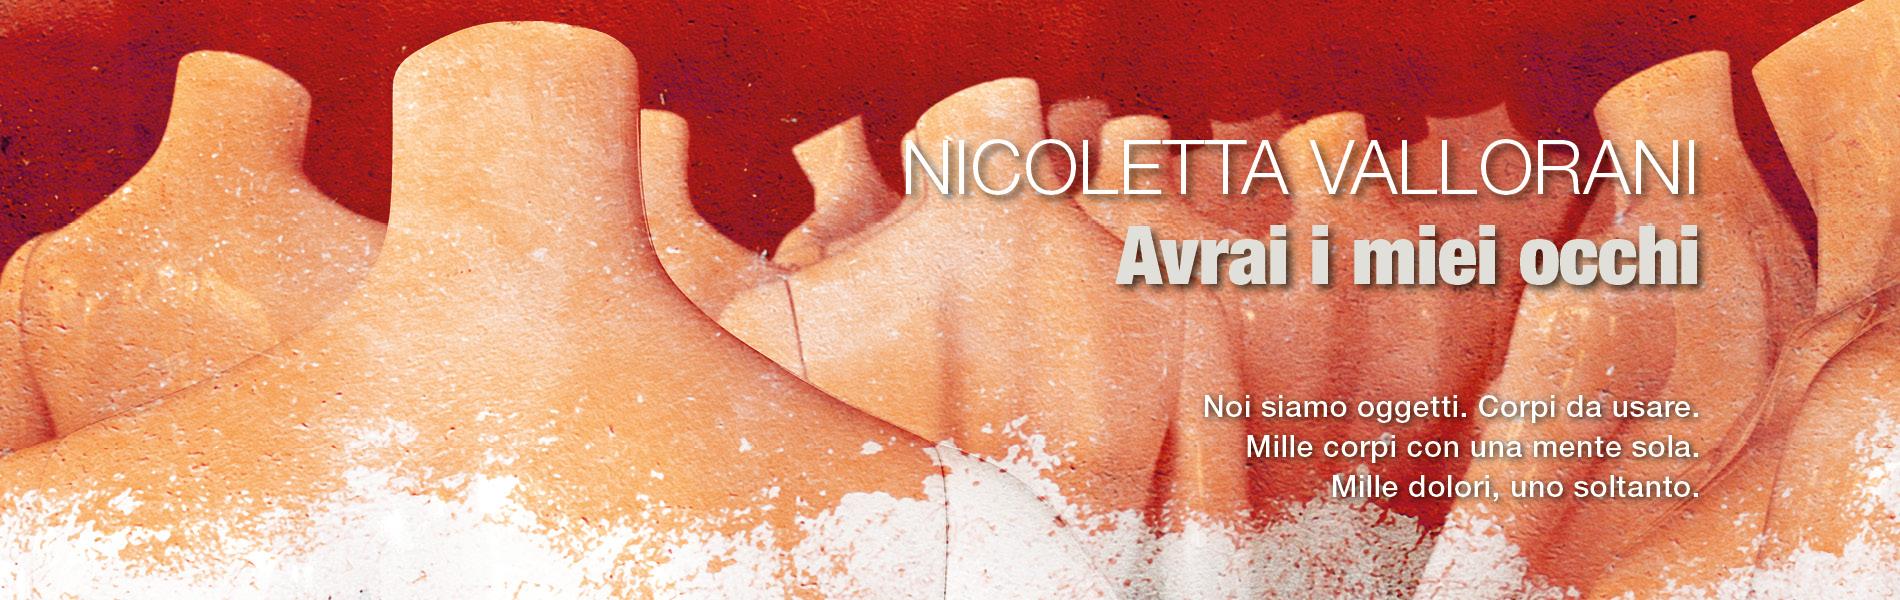 Avrai i miei occhi, di Nicoletta Vallorani